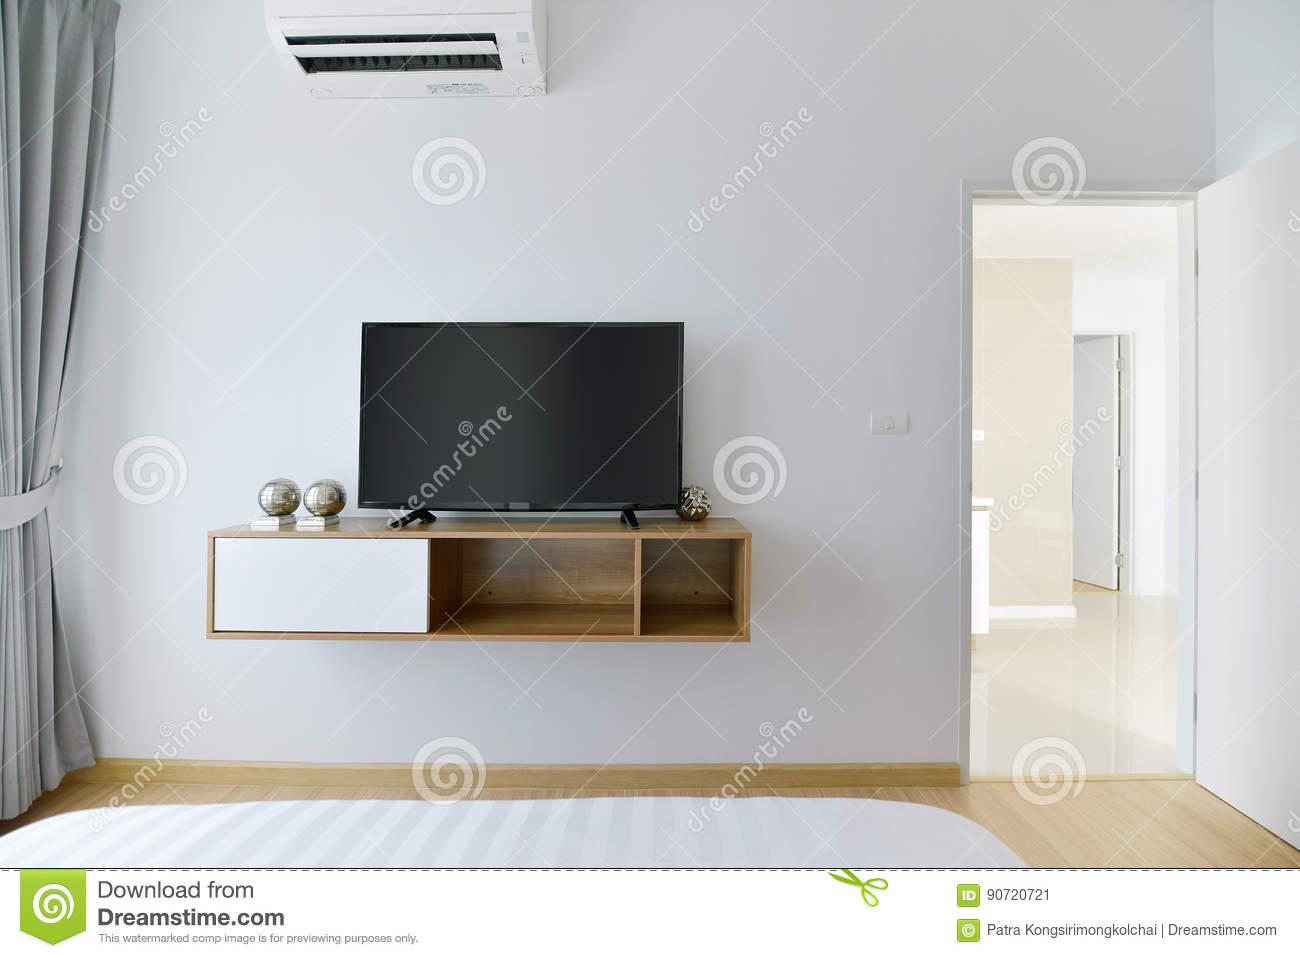 Full Size of Schlafzimmer Regal Leeres Mit Gefhrtem Fernsehen Auf Weier Luxus Weis Tiefe 30 Cm Fächer Offenes Weiß Lampen Ohne Rückwand Cd Schreibtisch Paschen Regale Schlafzimmer Schlafzimmer Regal